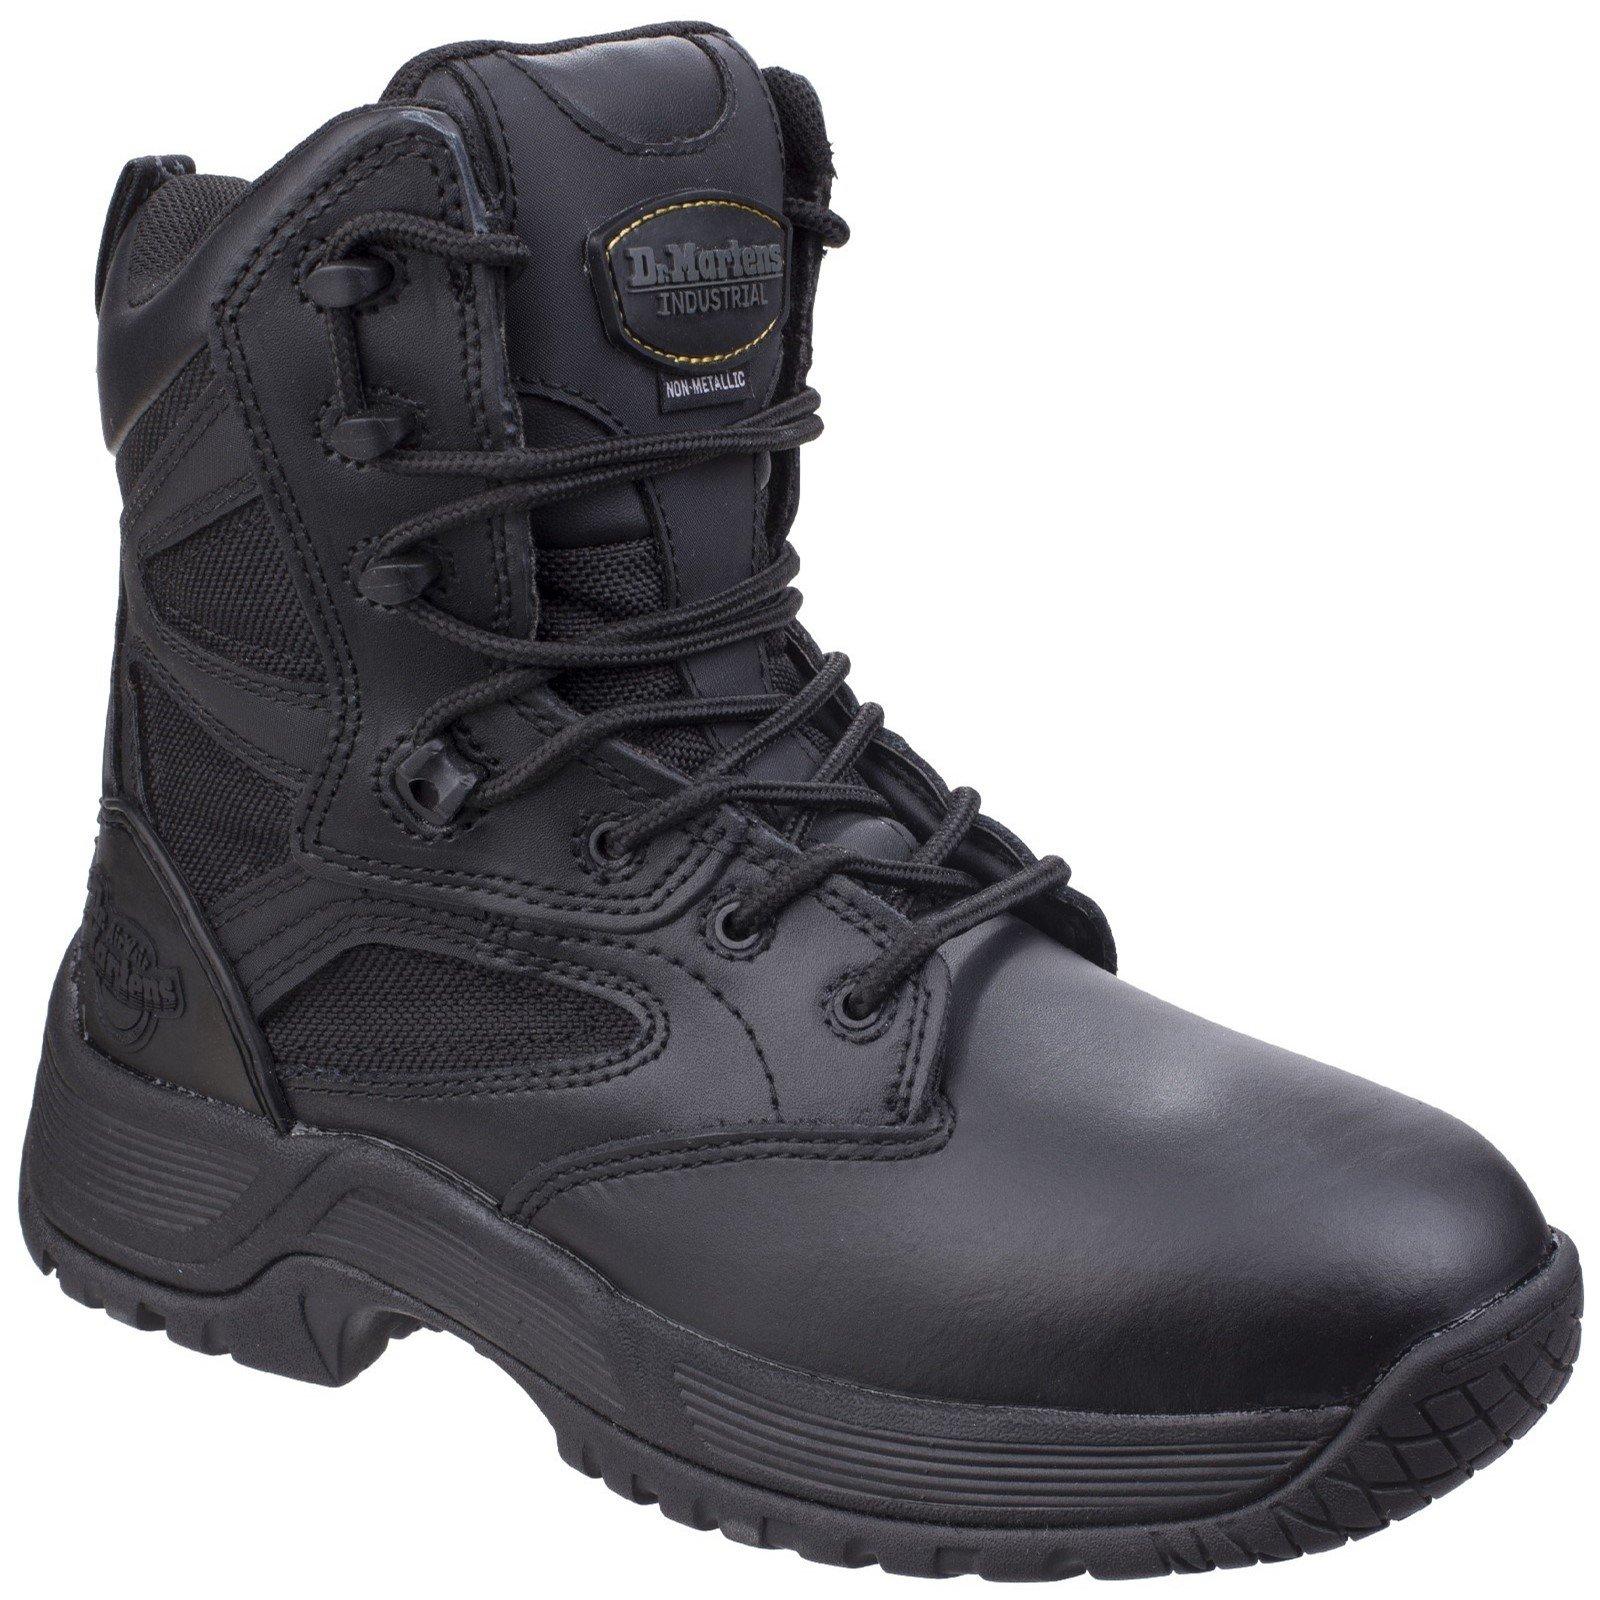 Dr Martens Unisex Skelton Service Boot Black 26028 - Black 8